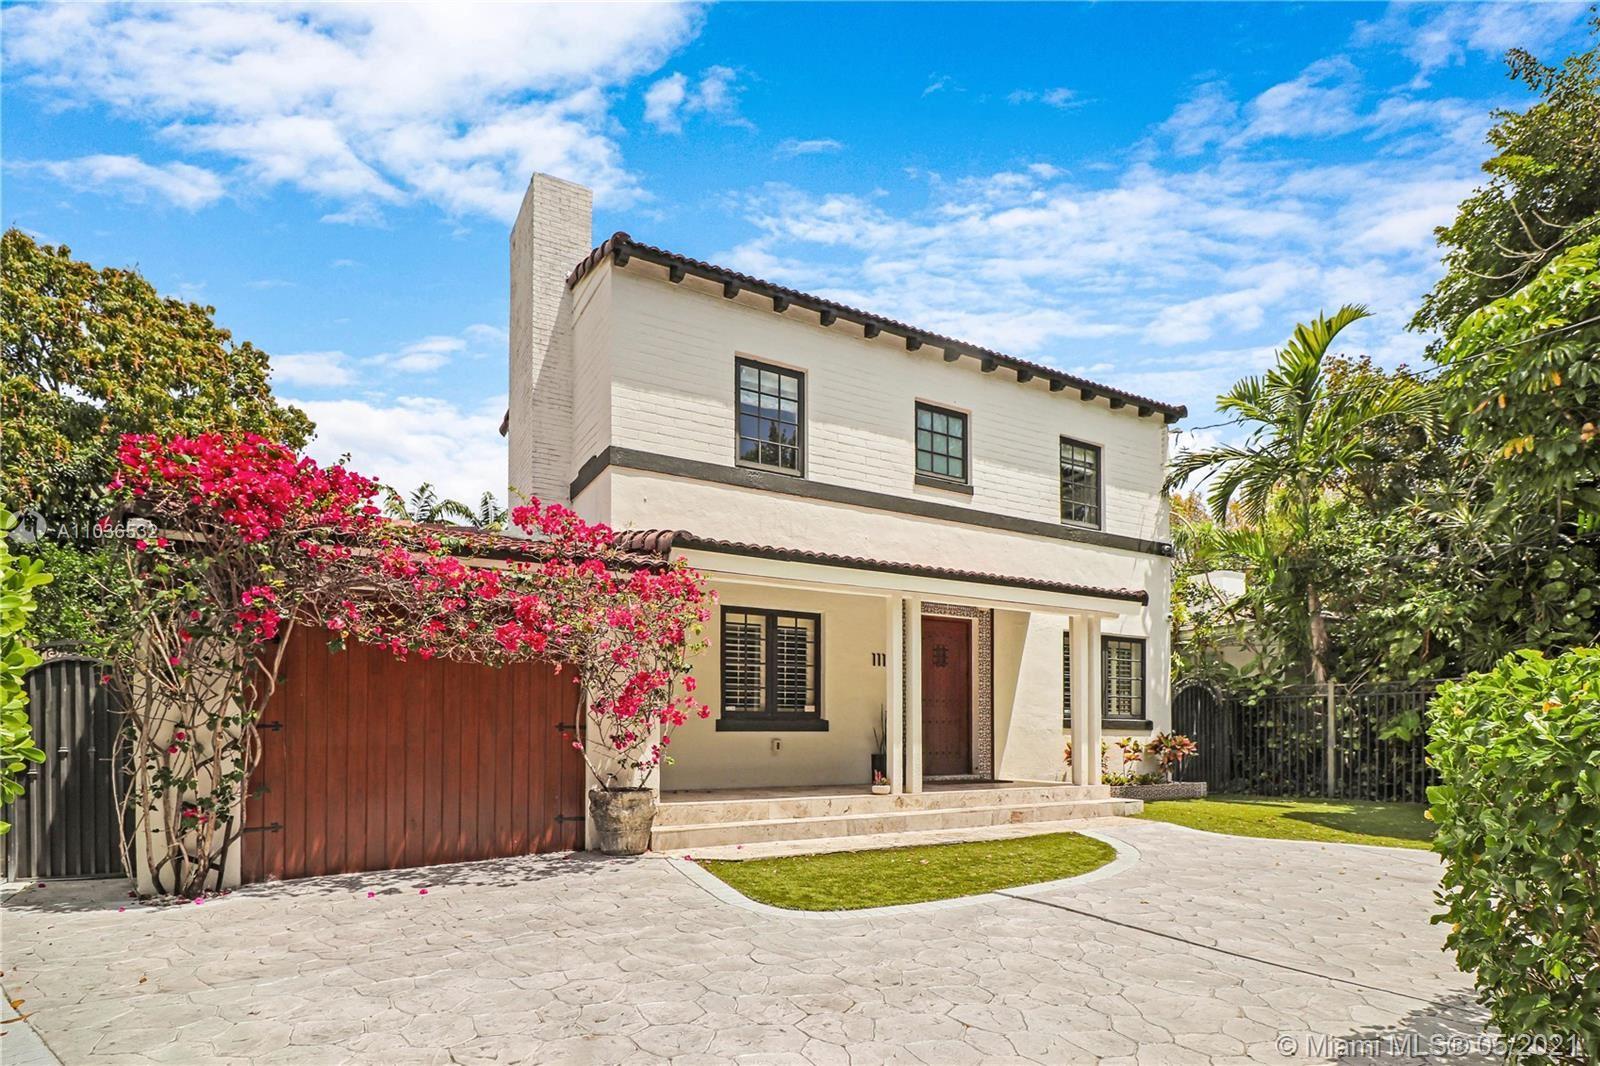 111 SW 29th Rd, Miami, FL 33129 - #: A11036532